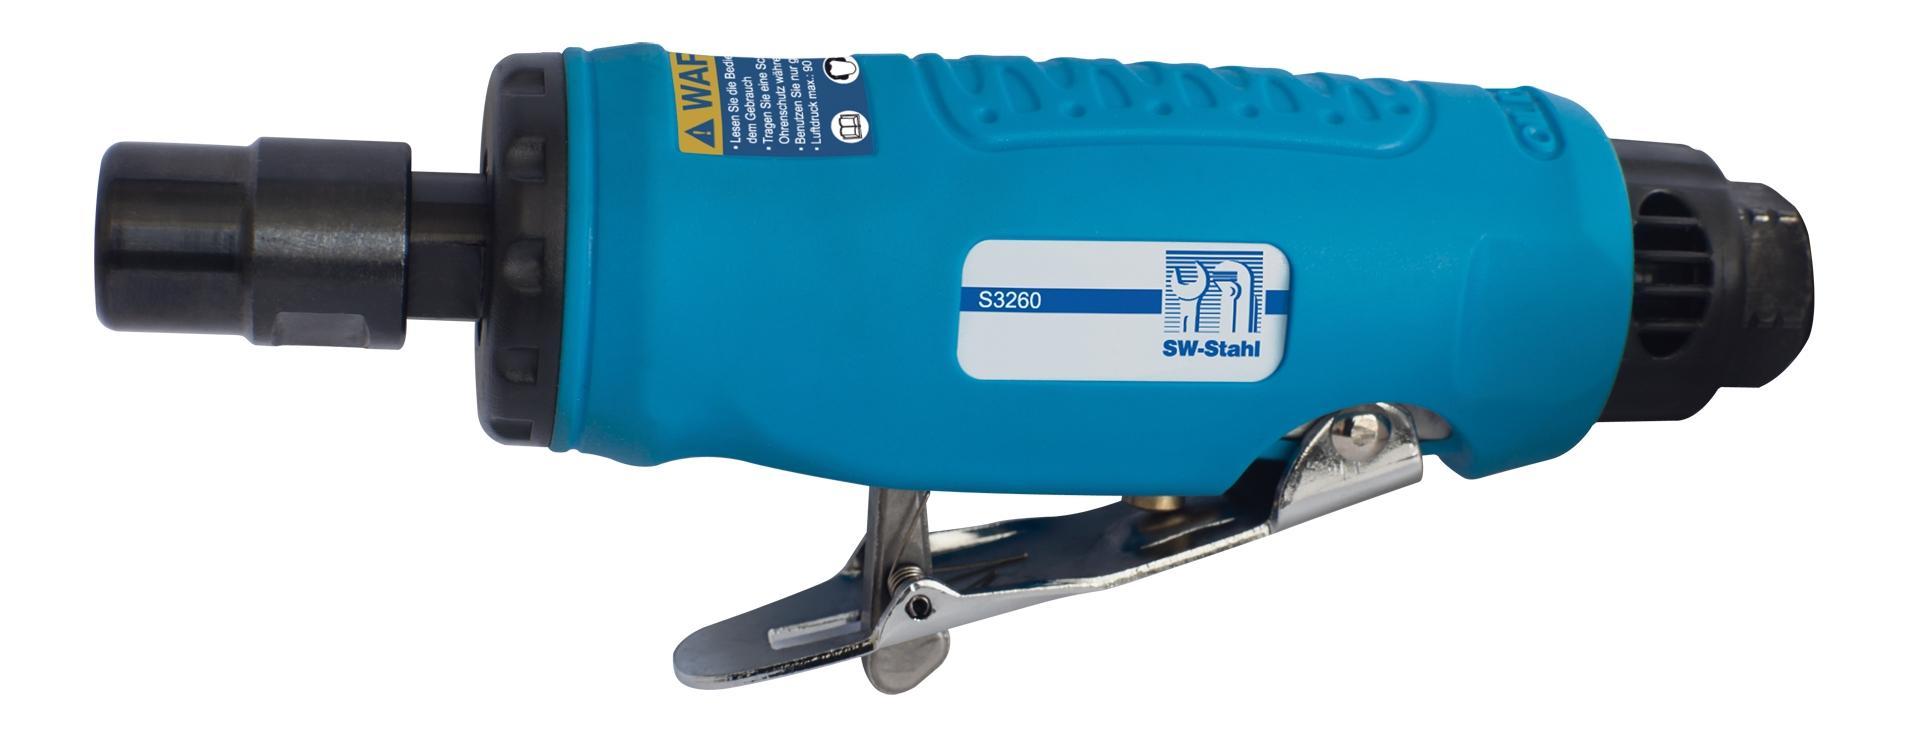 S3260 SW-Stahl Stabschleifer (Druckluft) S3260 günstig kaufen